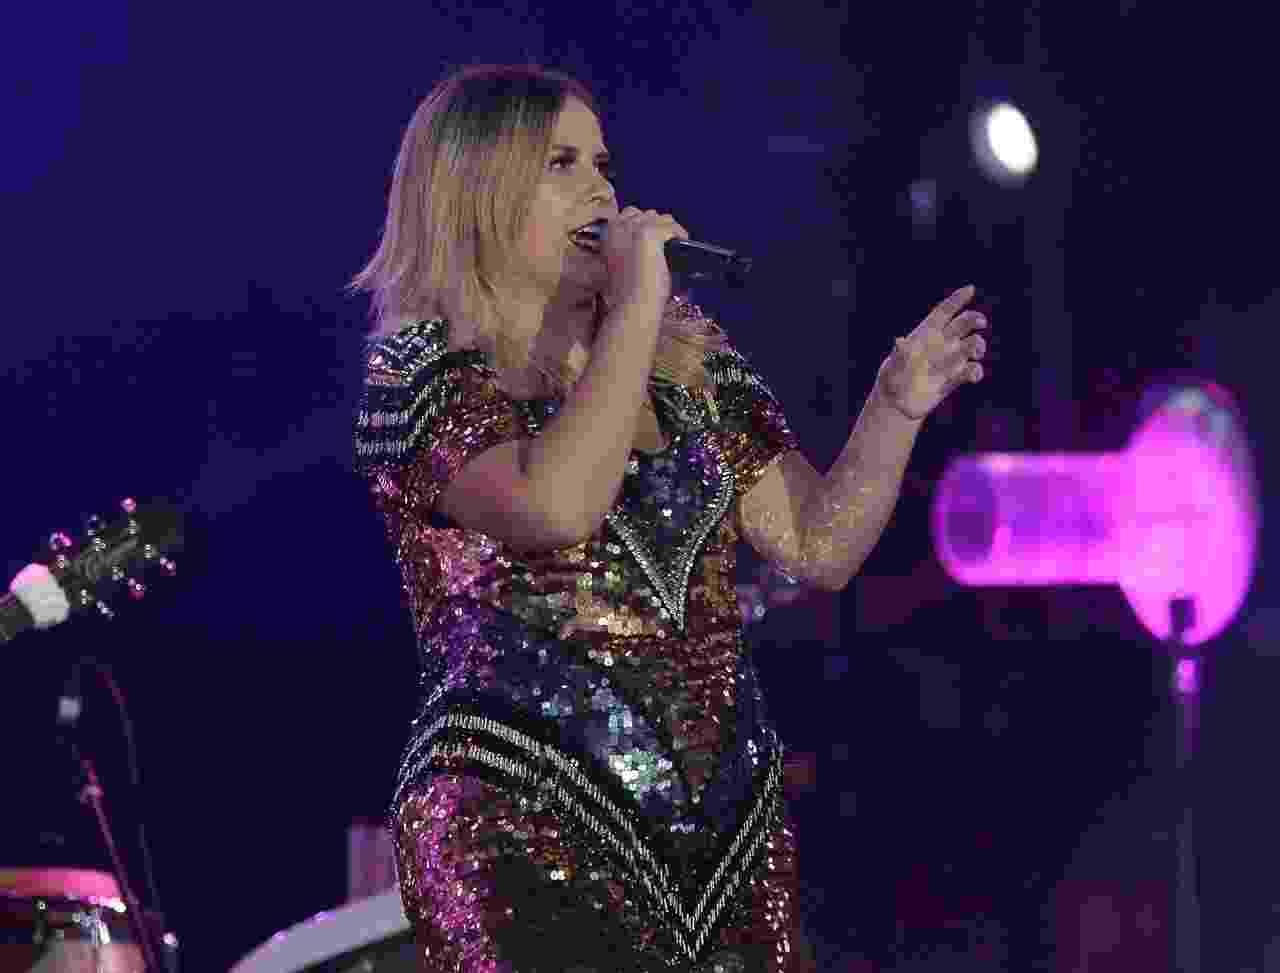 De vestido brilhoso, Marília Mendonça canta seus sucessos na 63º Festa do Peão de Barretos no sábado (18) - Francisco Cepeda/AgNews